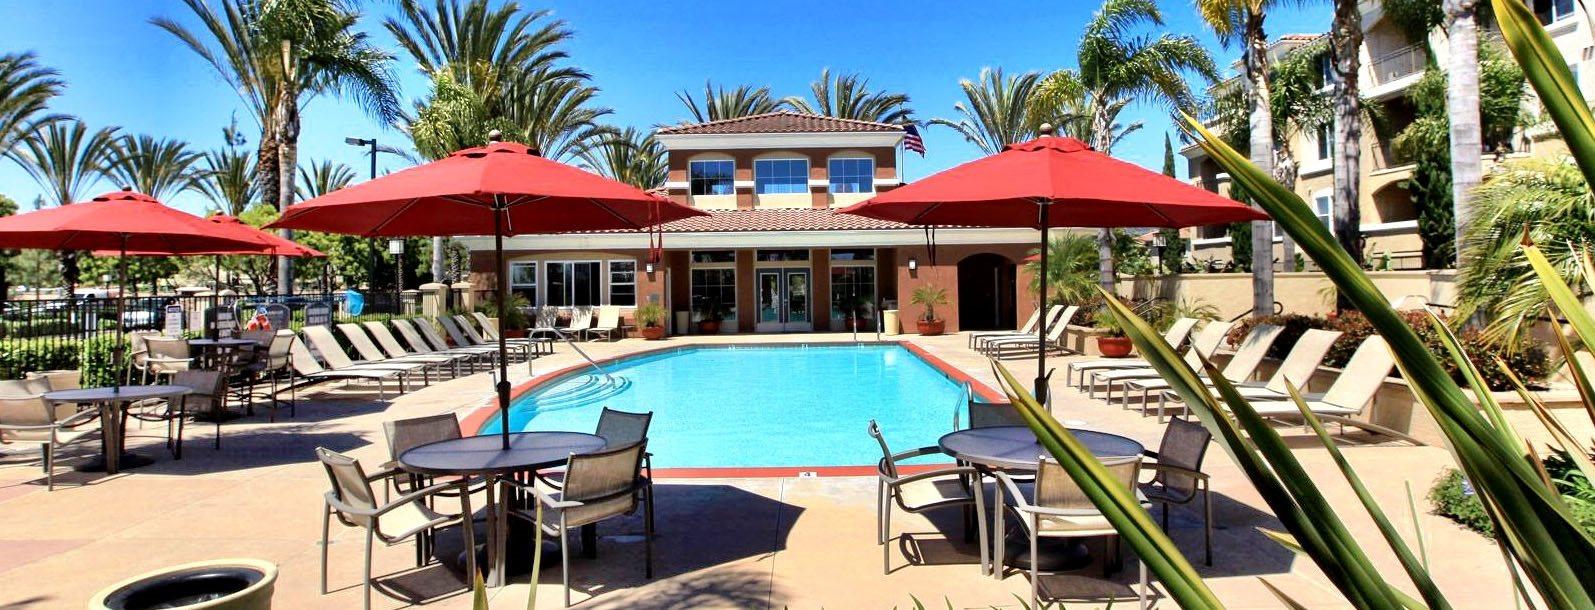 Allure At Camarillo Apartments In Camarillo Ca